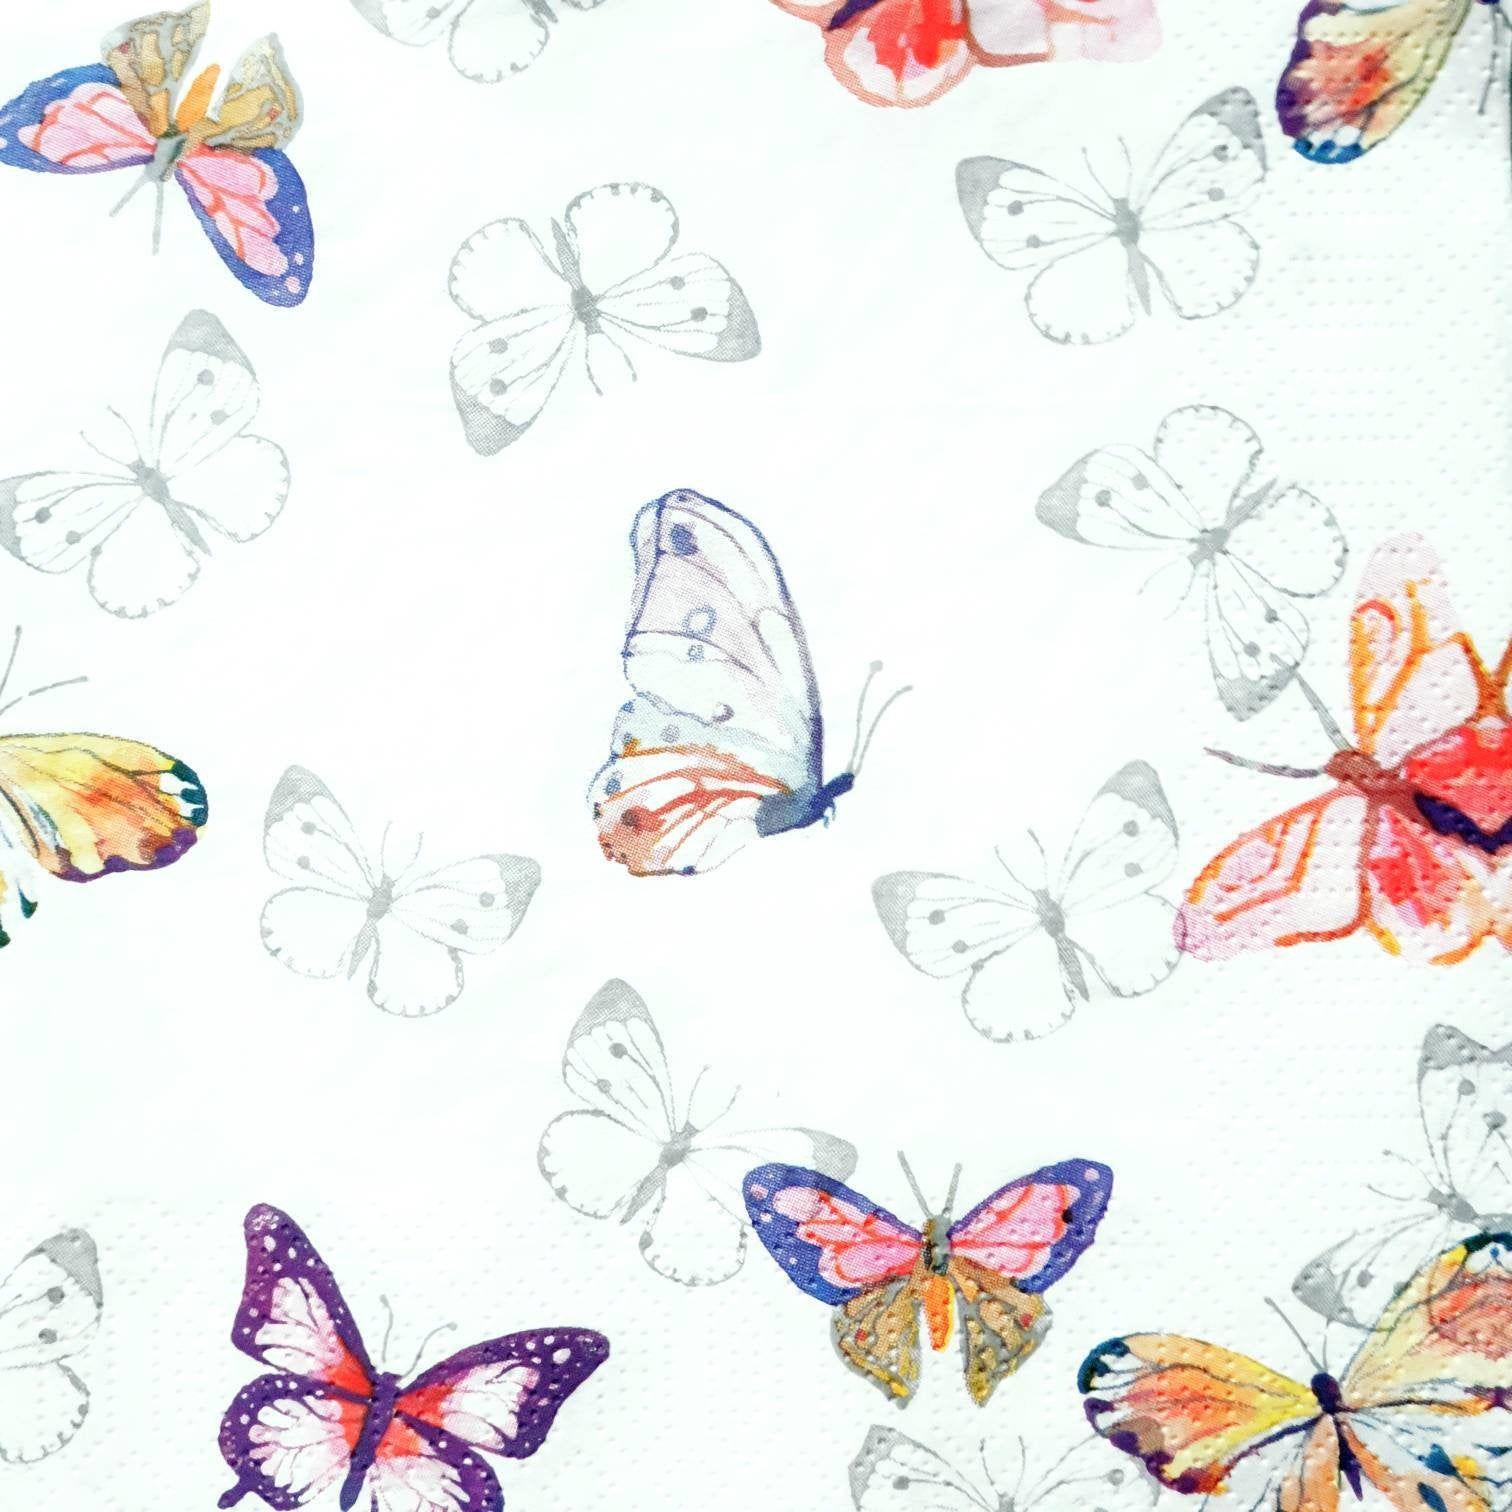 Watercolor Butterflies Paper Napkins Serviettes, Decoupage Paper Collection, Junk Journal Elements, 4 Paper Napkins for Decoupage, Collage